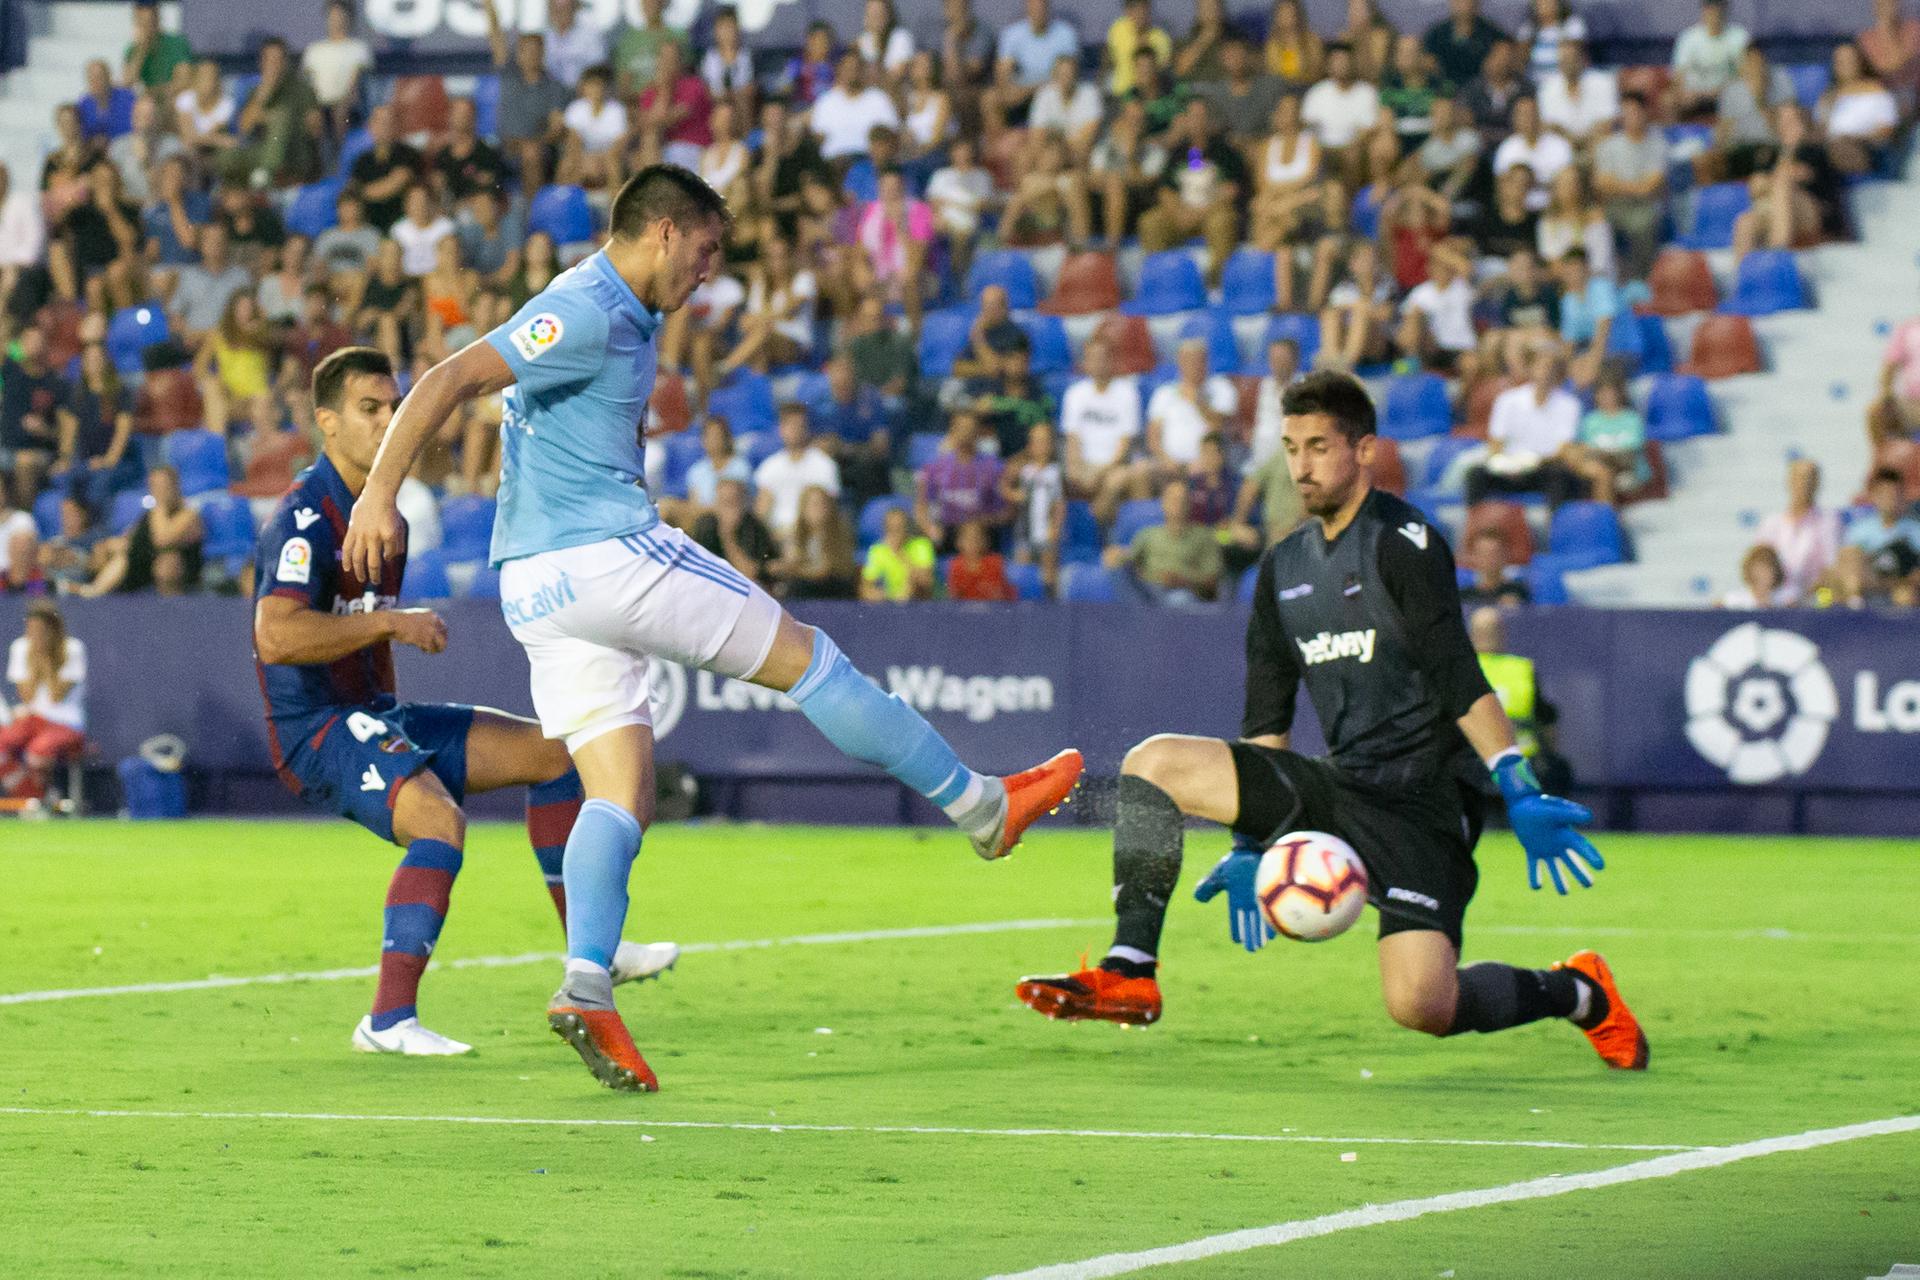 SOI KÈO NHÀ CÁI 26/11: Real Sociedad có chiến thắng đầu tay?